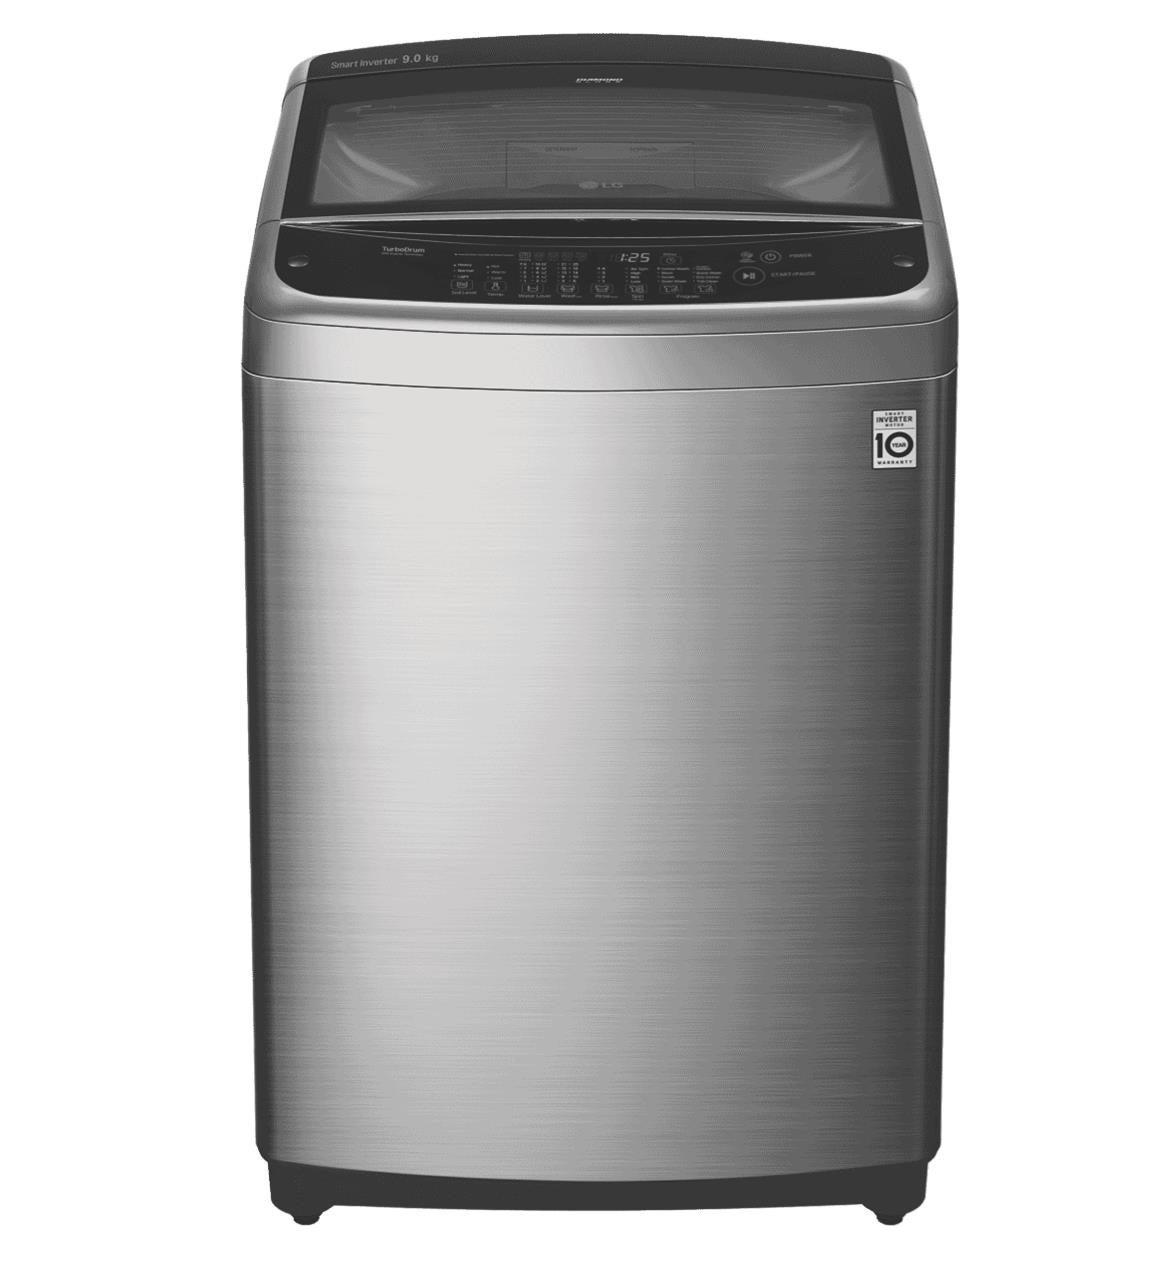 LG WTG9020V Washing Machine